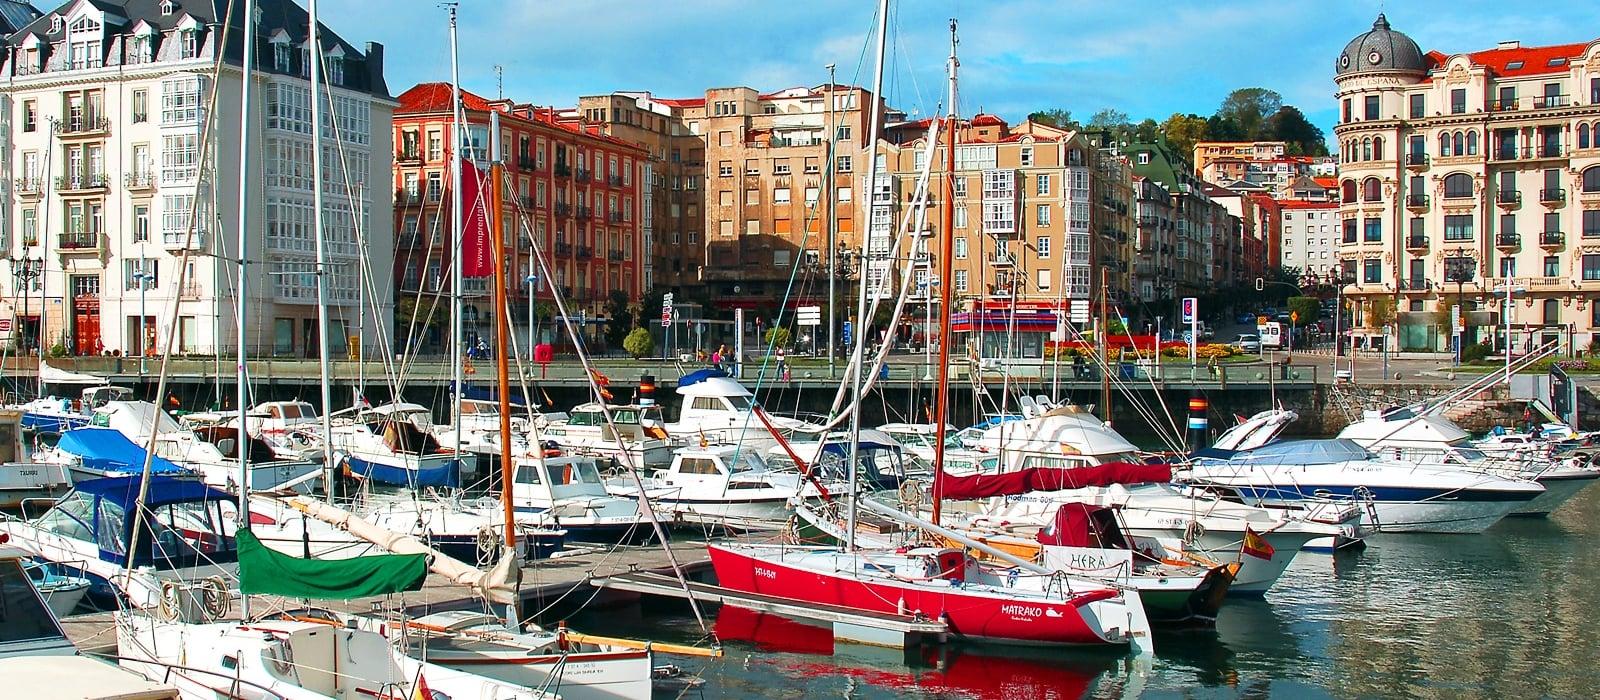 Hoteles Vincci. Die schönsten Hotels in Santander